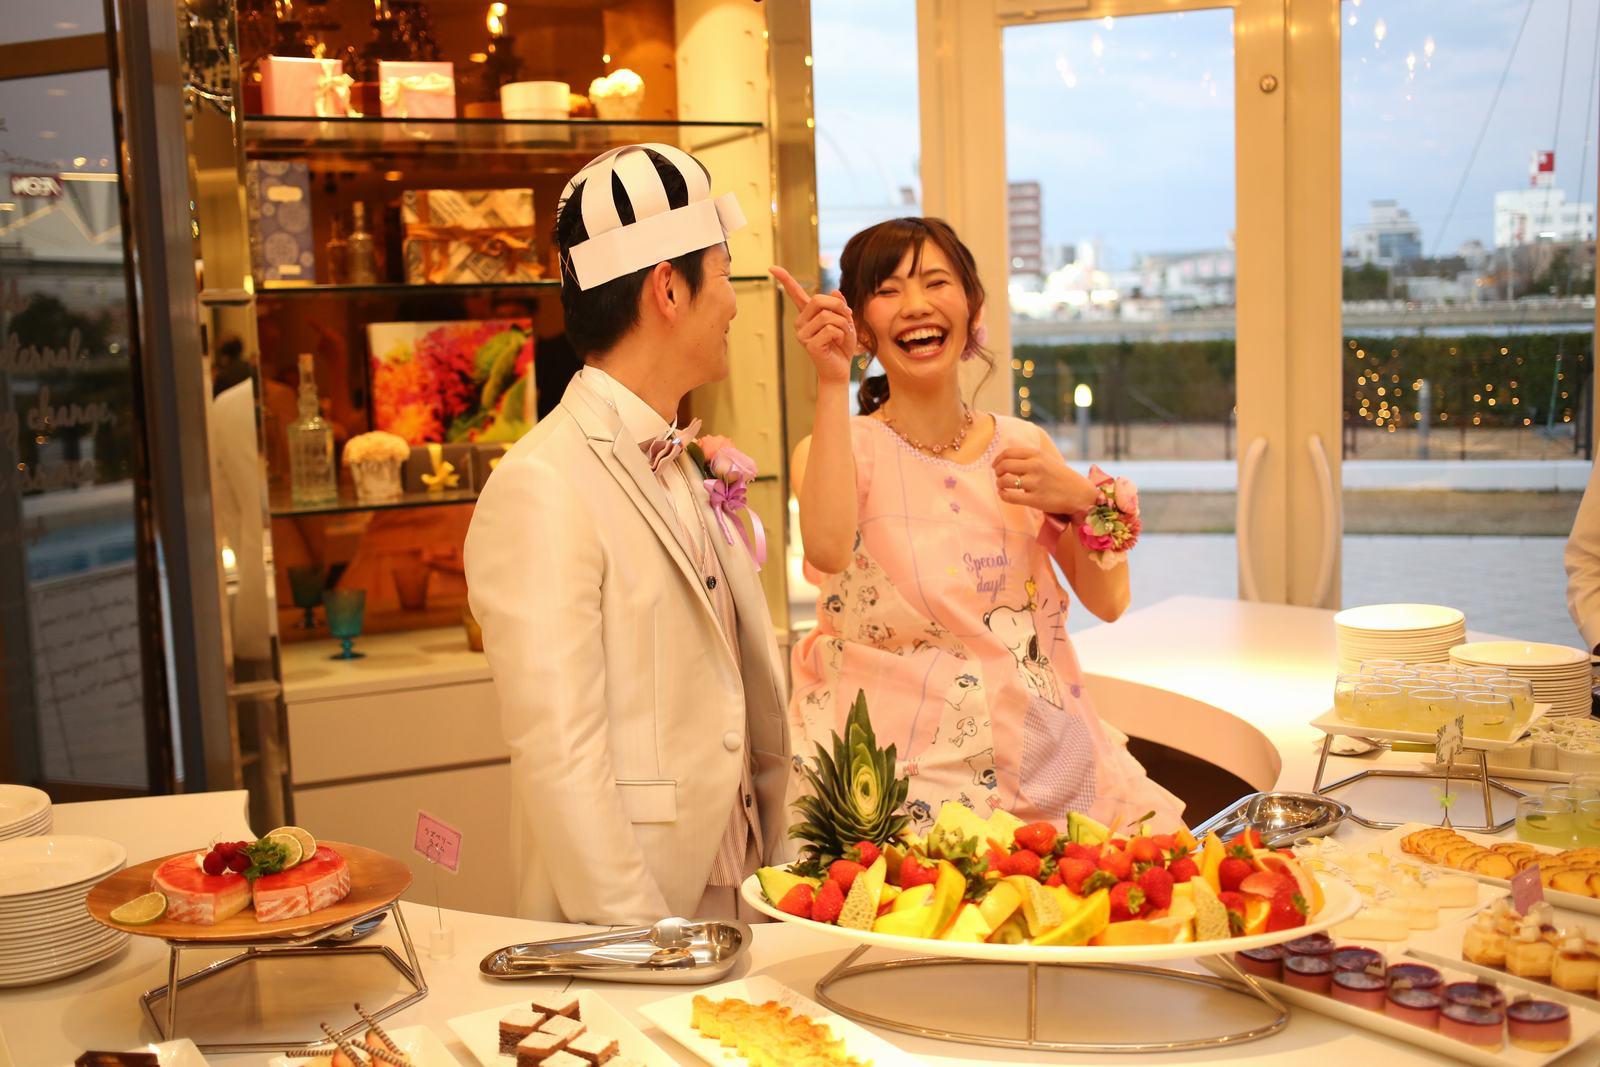 徳島市の結婚式場ブランアンジュの披露宴会場デザートビュッフェカウンターで笑顔あふれる新婦